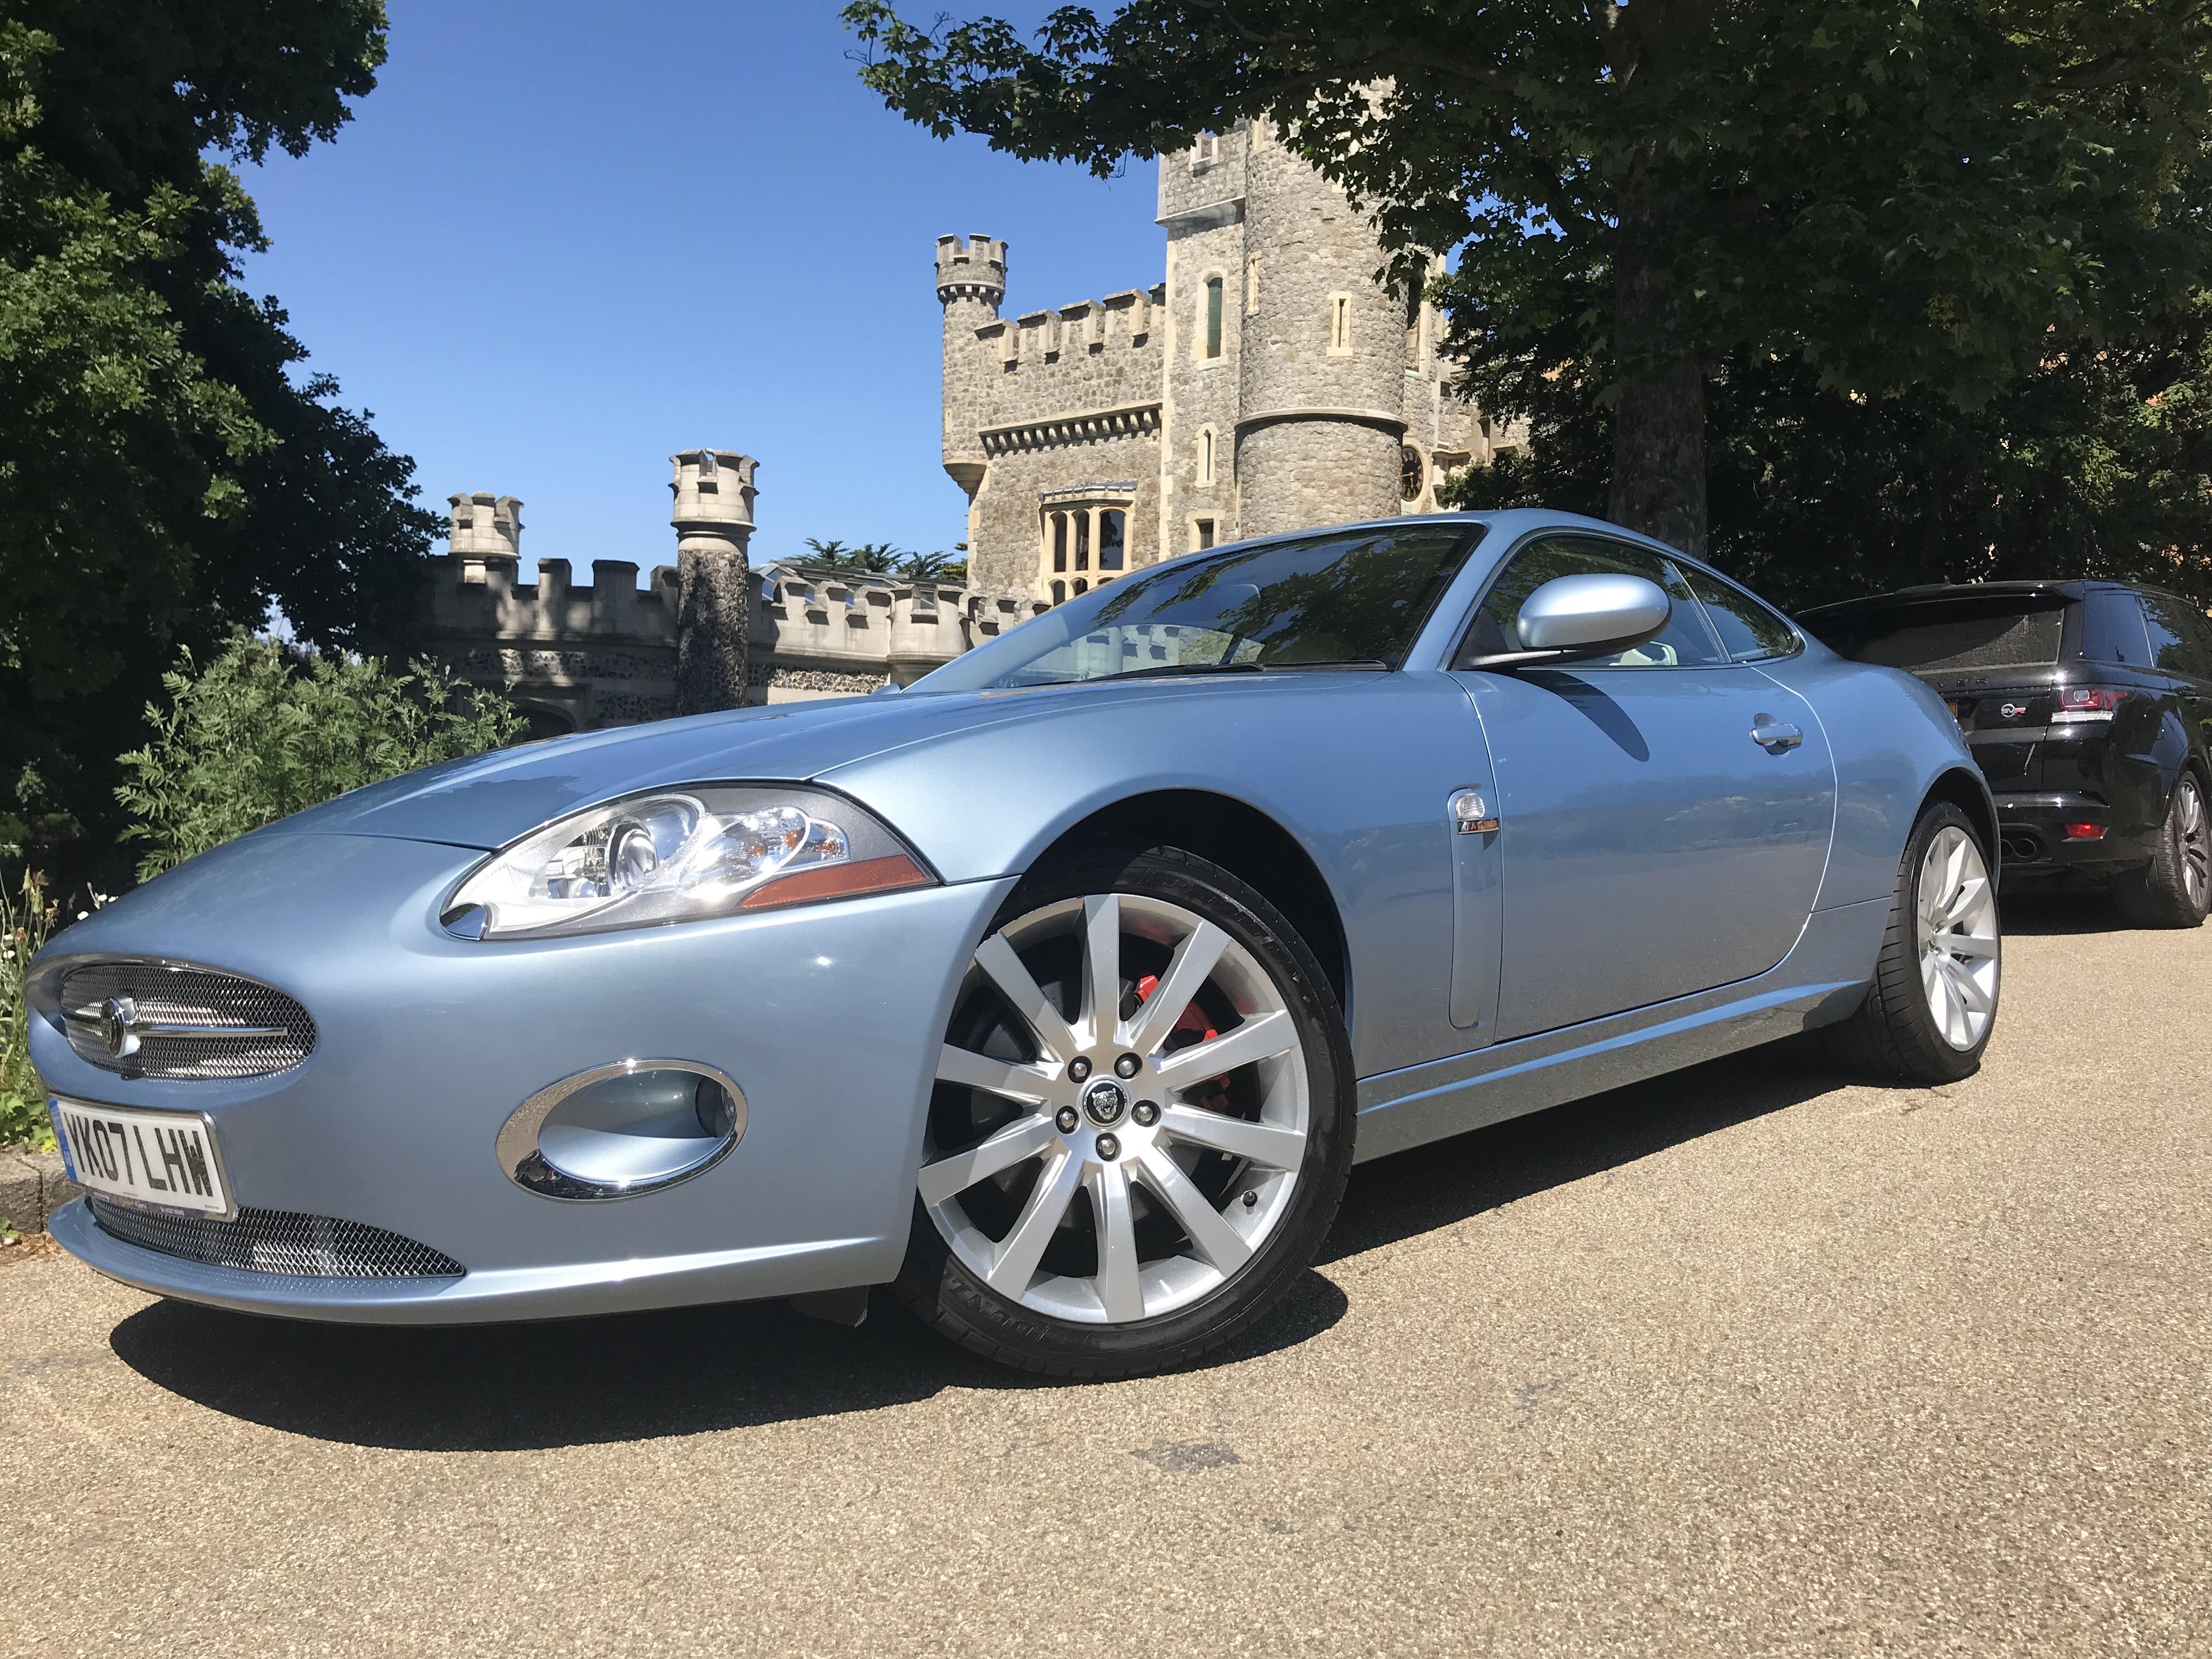 Jaguar 4.2 Coupe 014